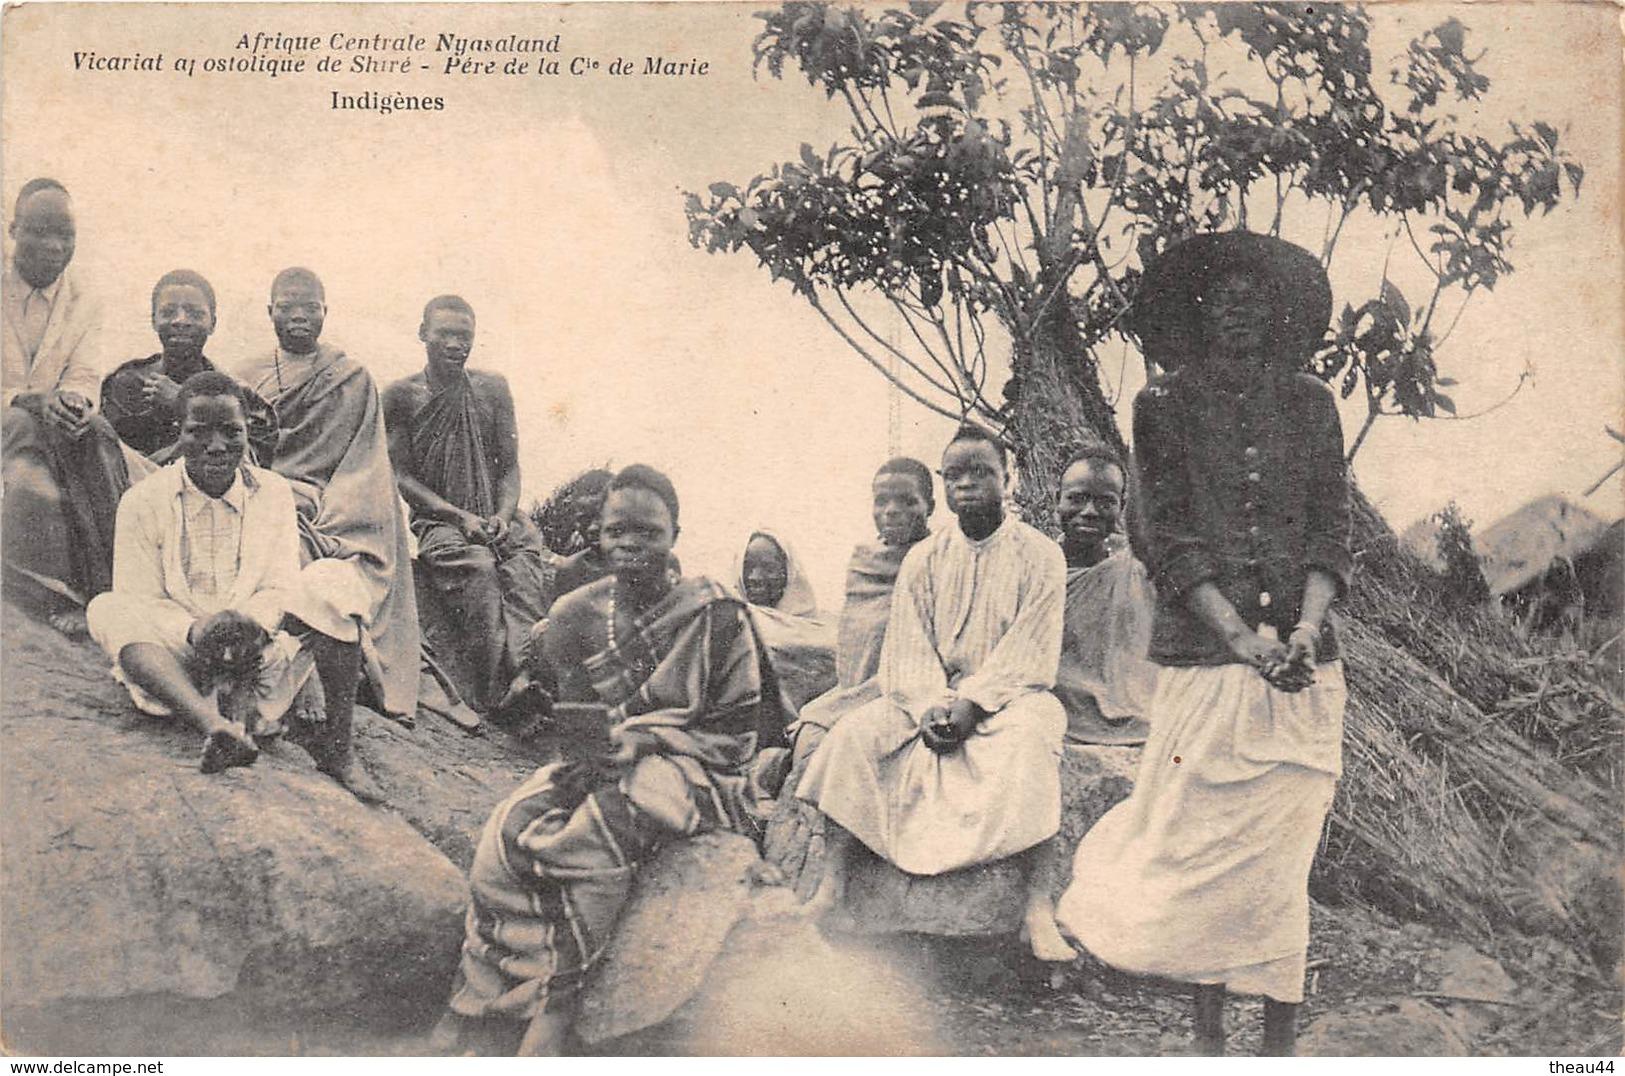 ¤¤   -    MALAWI    -  Afrique Centrale Nyasaland   -   Indigènes      -  ¤¤ - Malawi